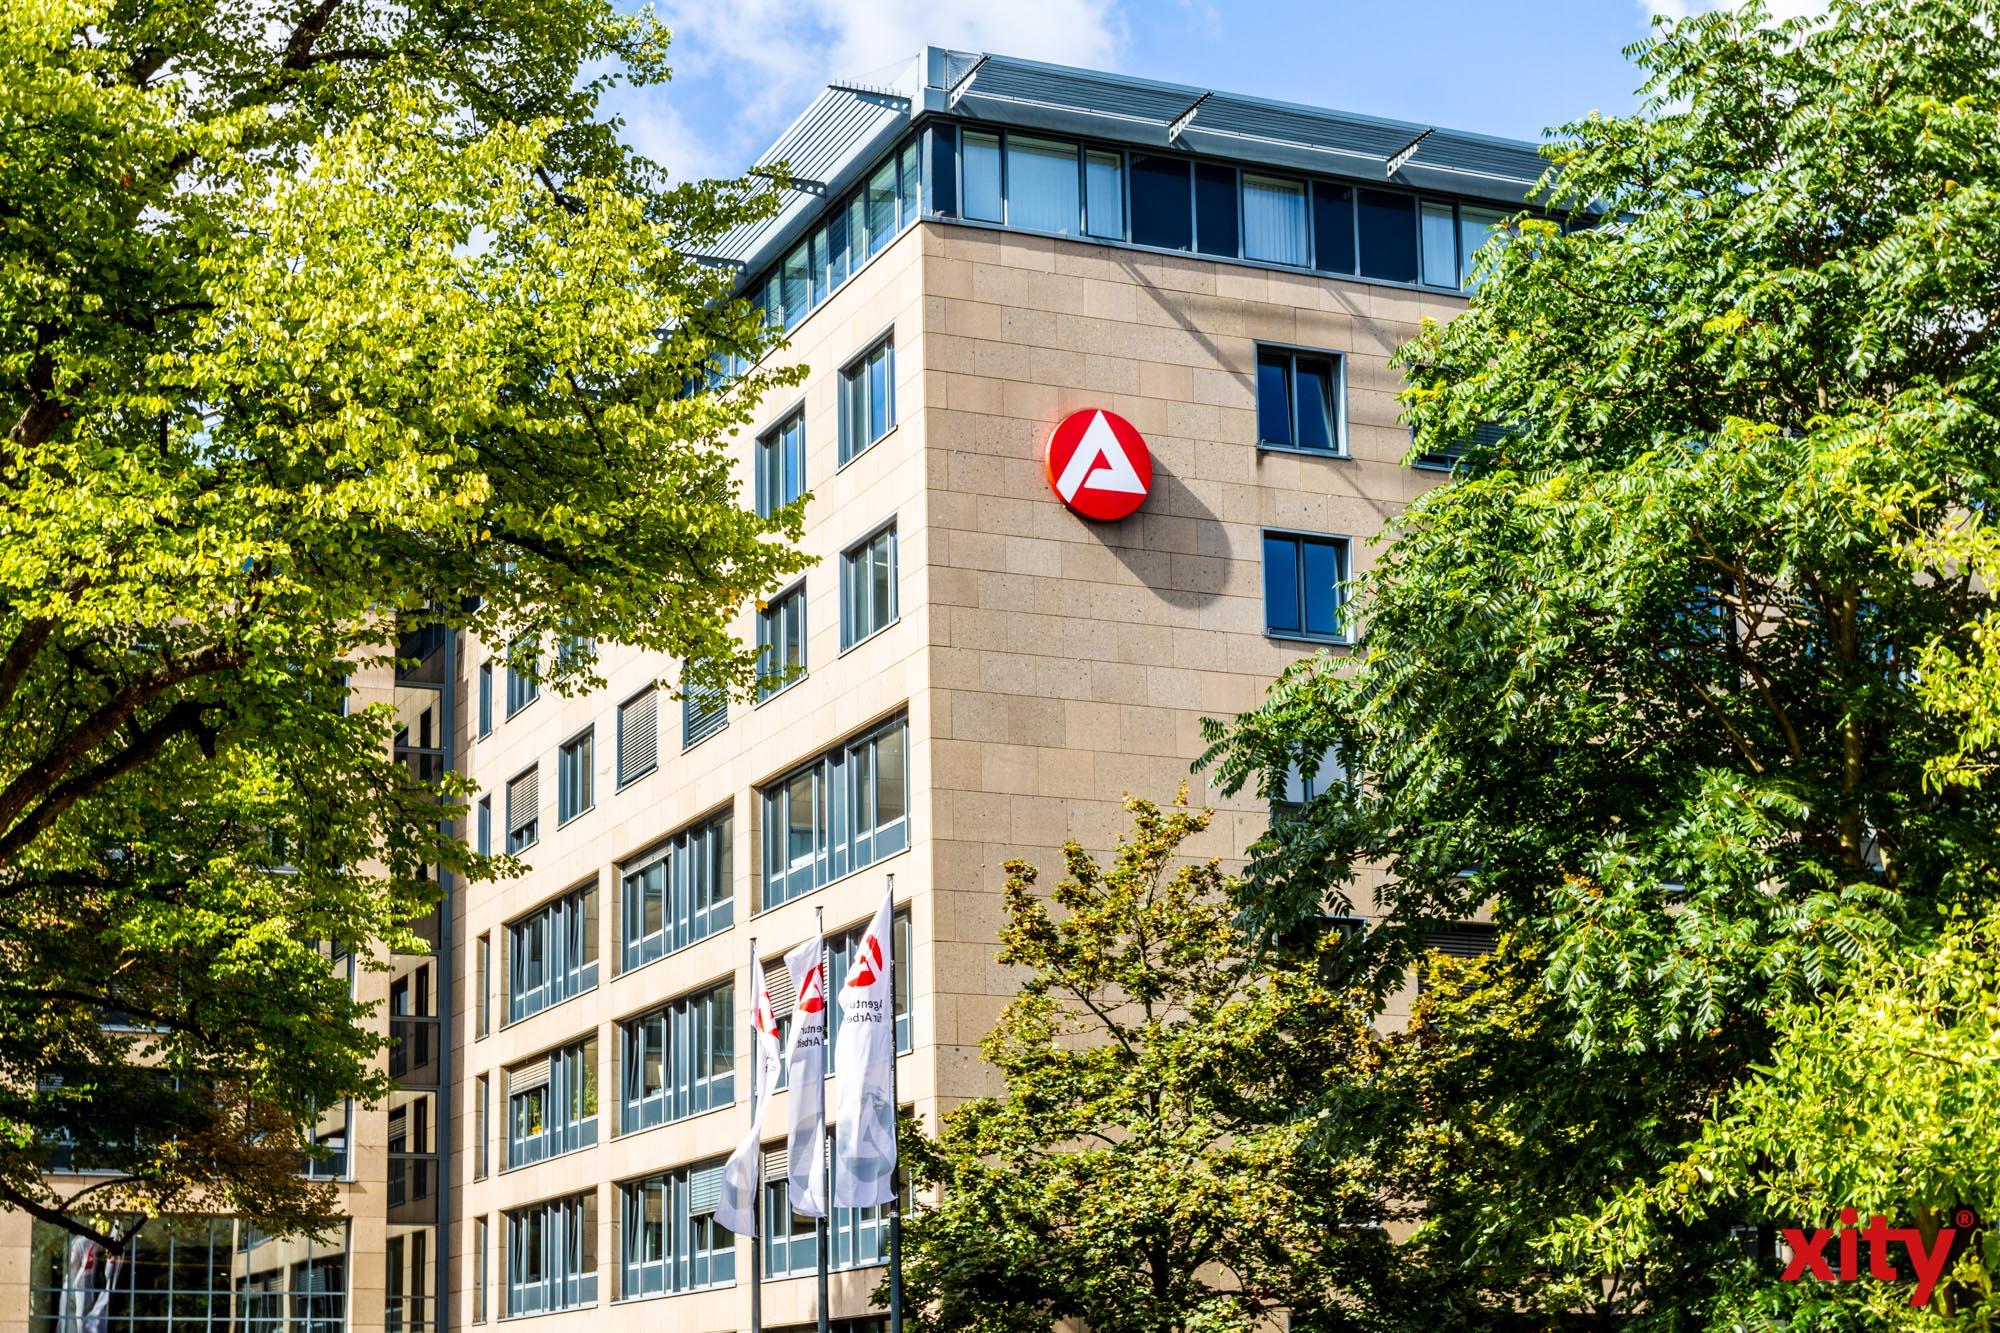 Arbeitslosigkeit in Düsseldorf rasant angestiegen